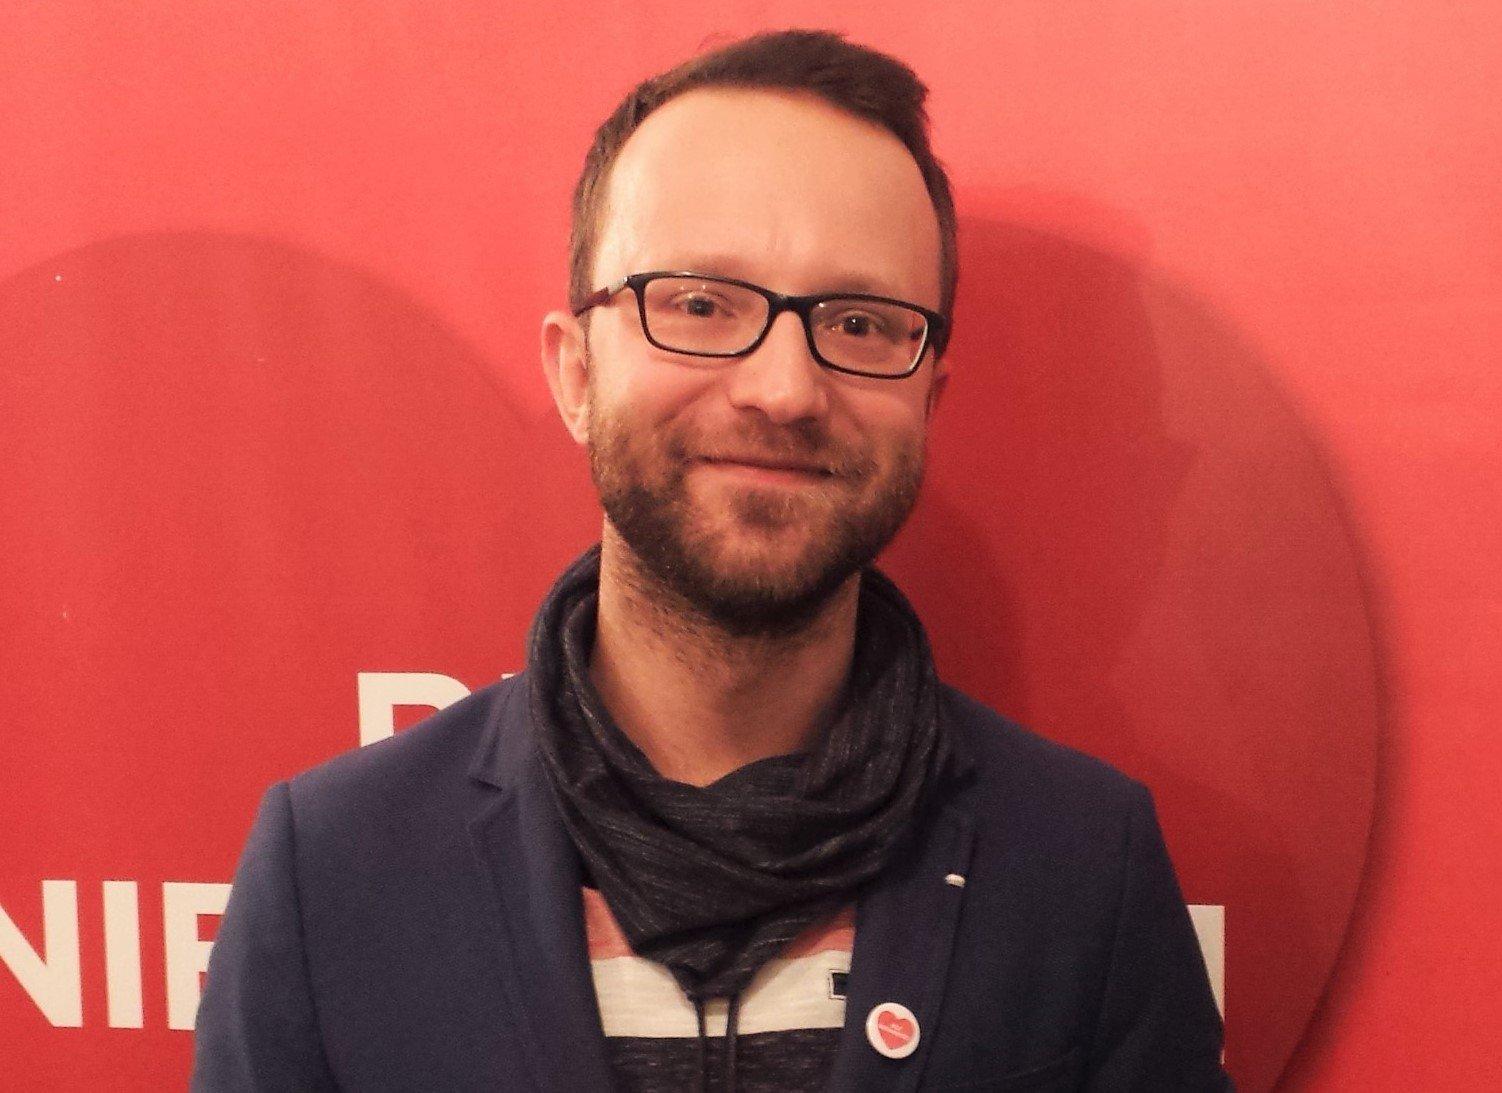 Piotr Godzisz